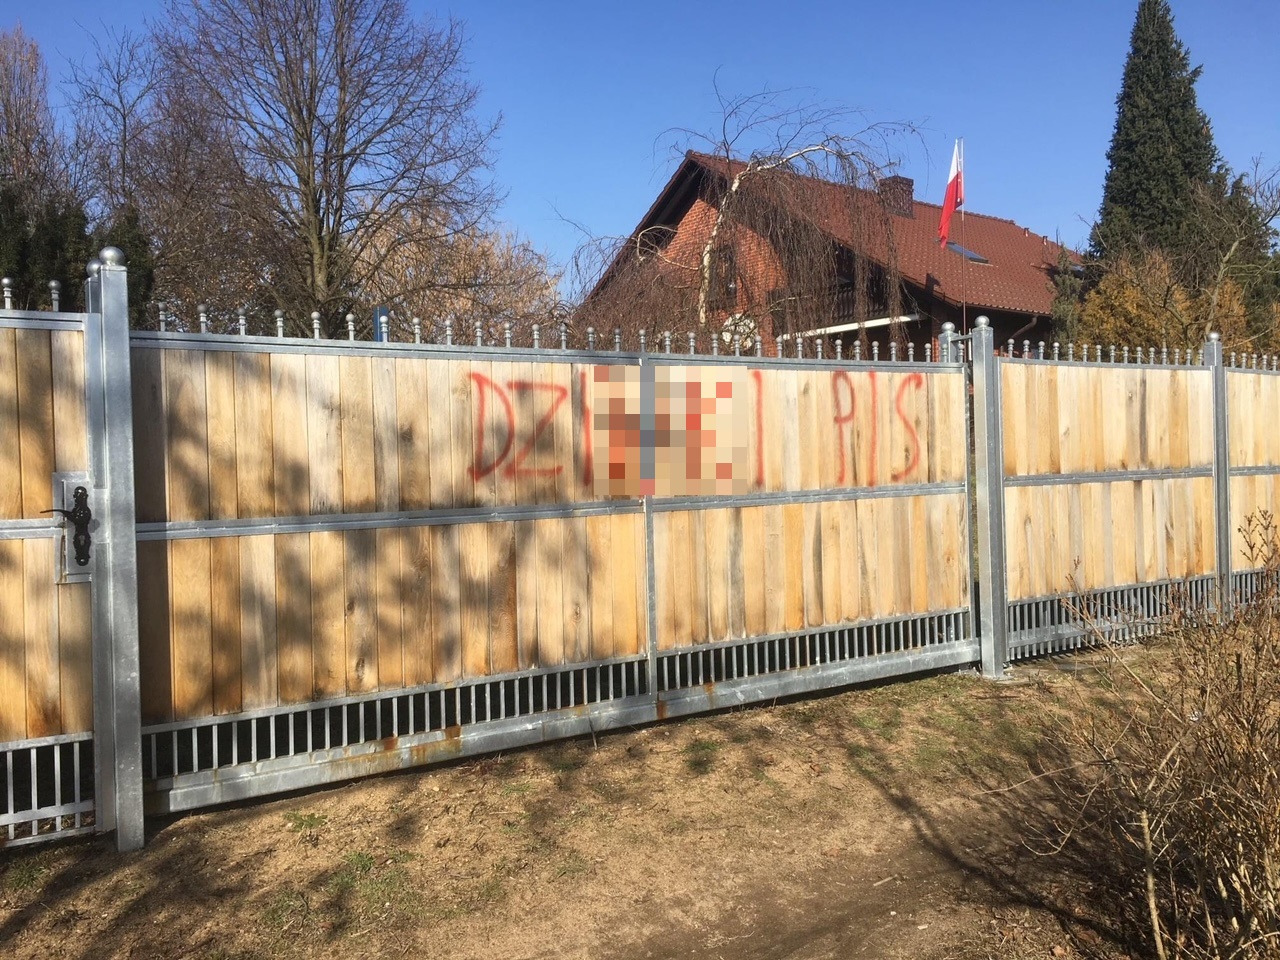 oborniki radny pis płot ogrodzenie hasła obraźliwe - Wiesław Bartkowiak